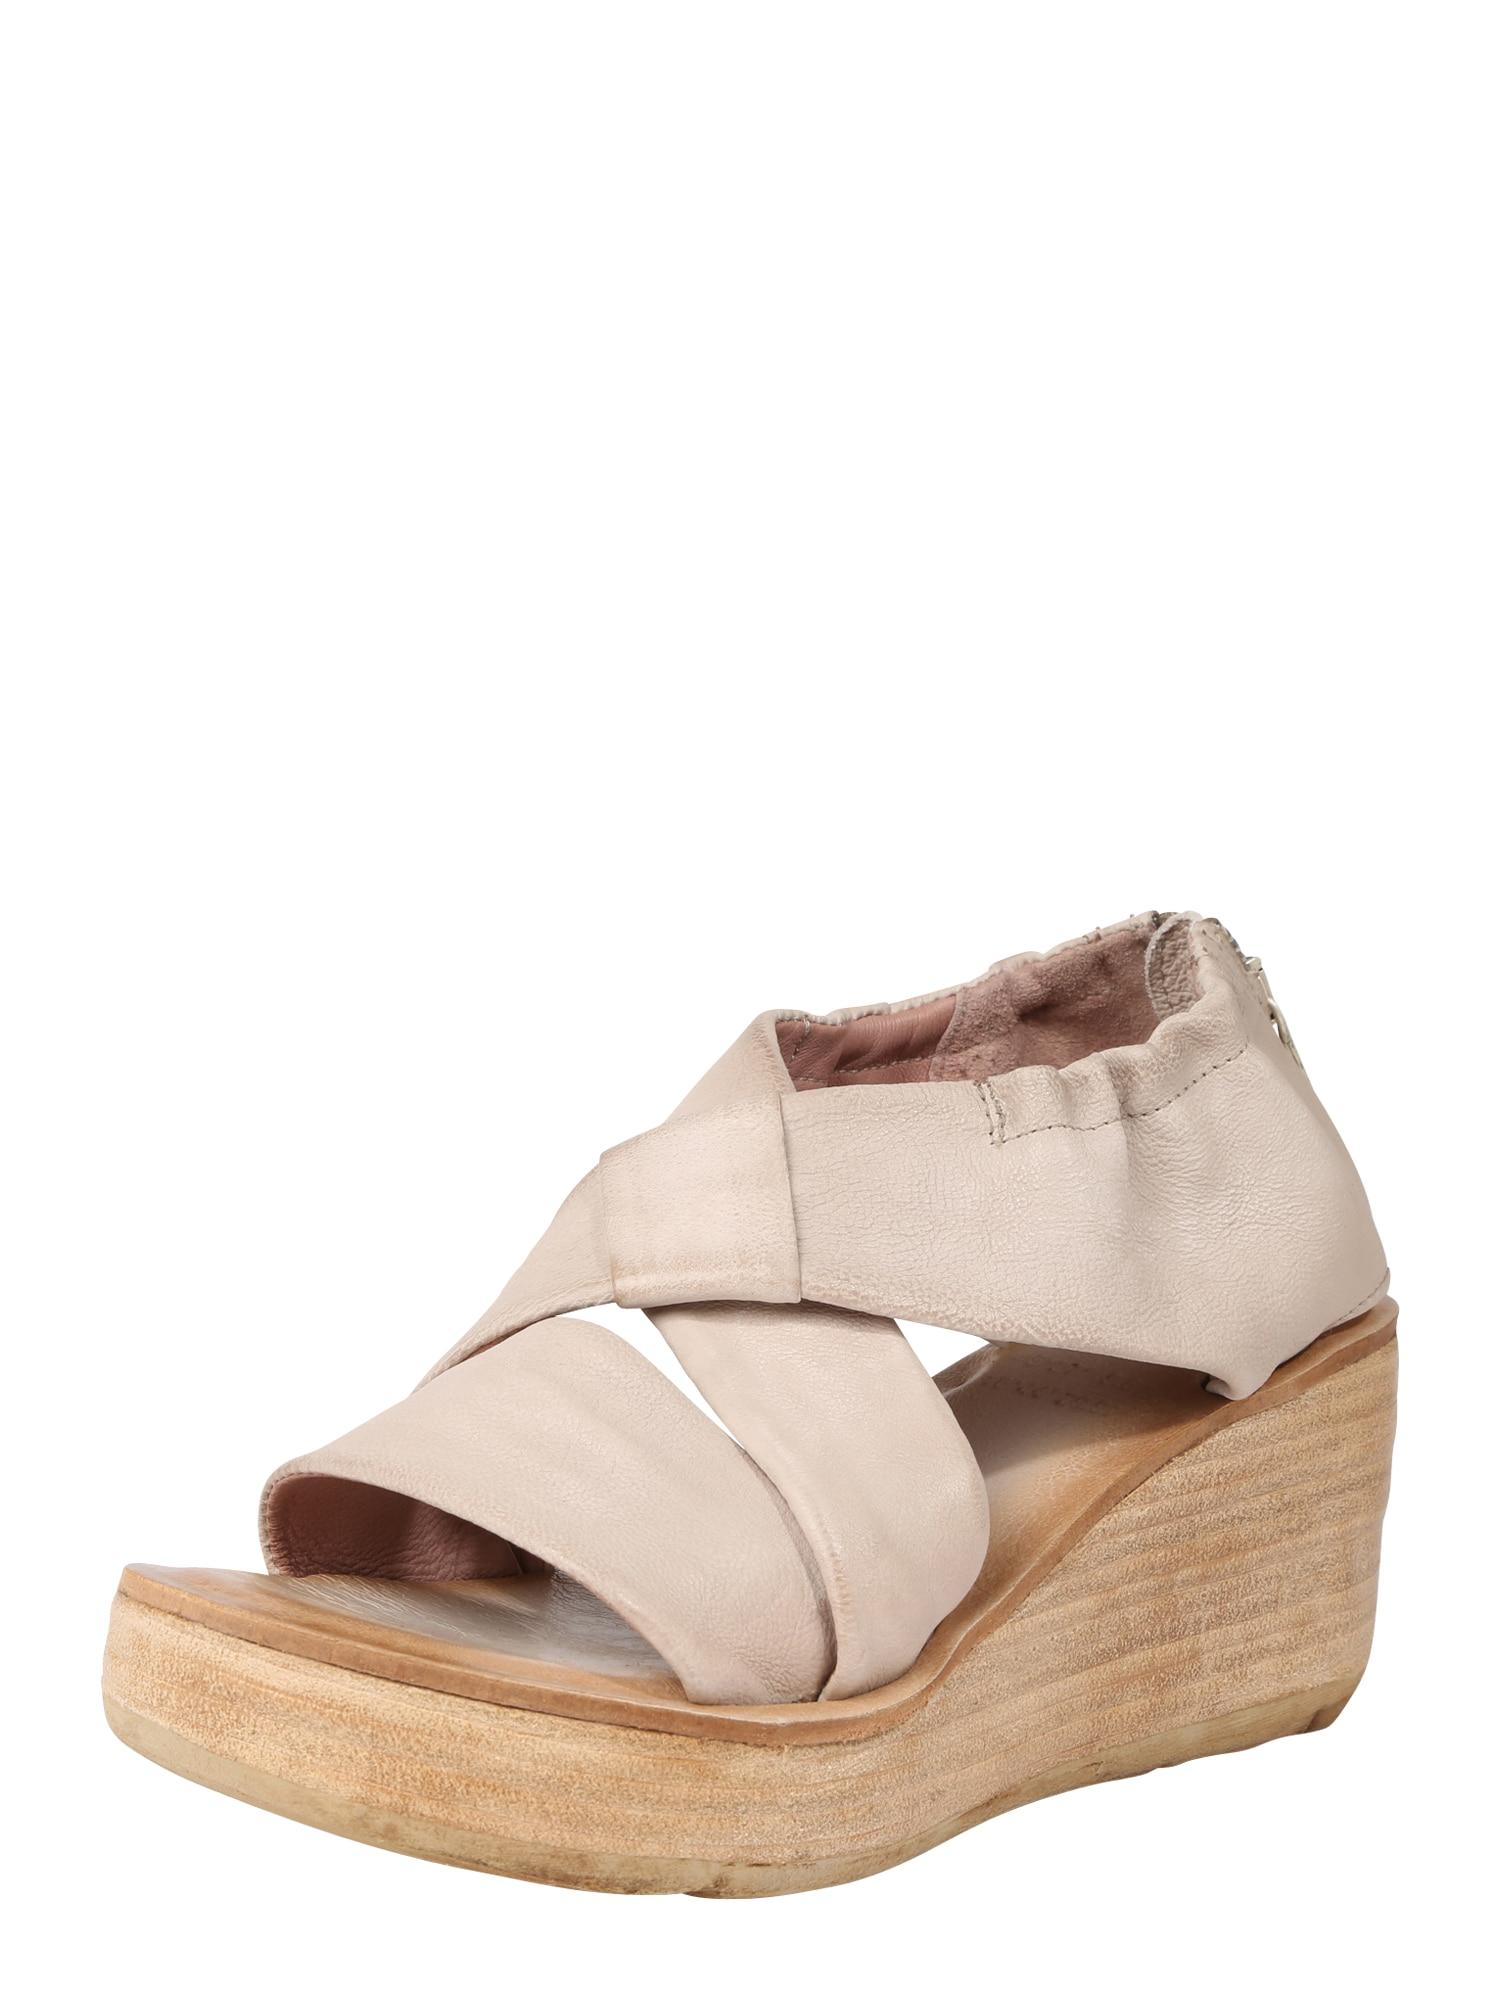 Páskové sandály Sandale NOA béžová A.S.98